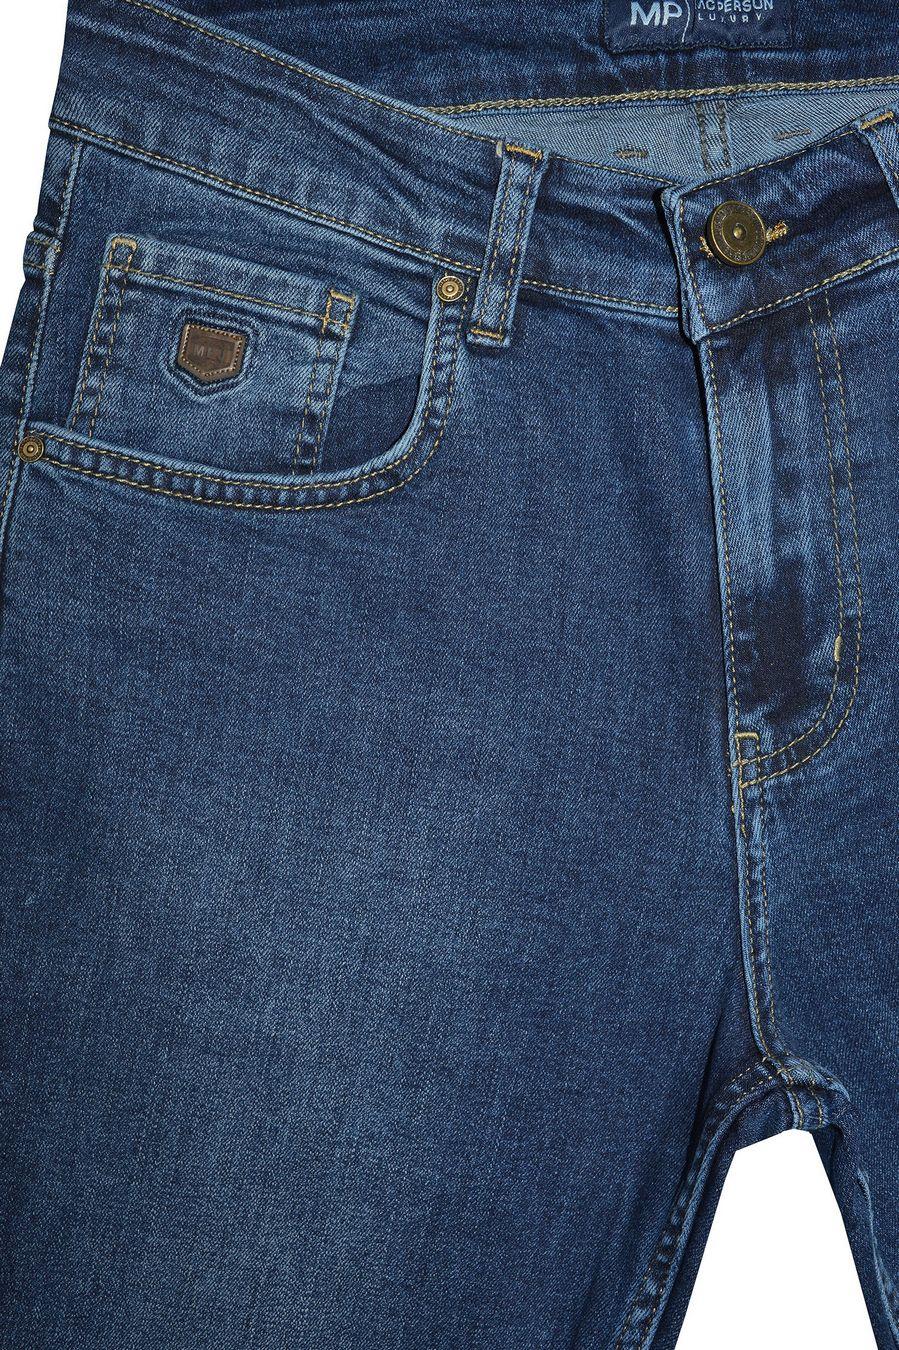 Джинсы мужские MAC Person 2956-12440 Blue Blue L32 - фото 3